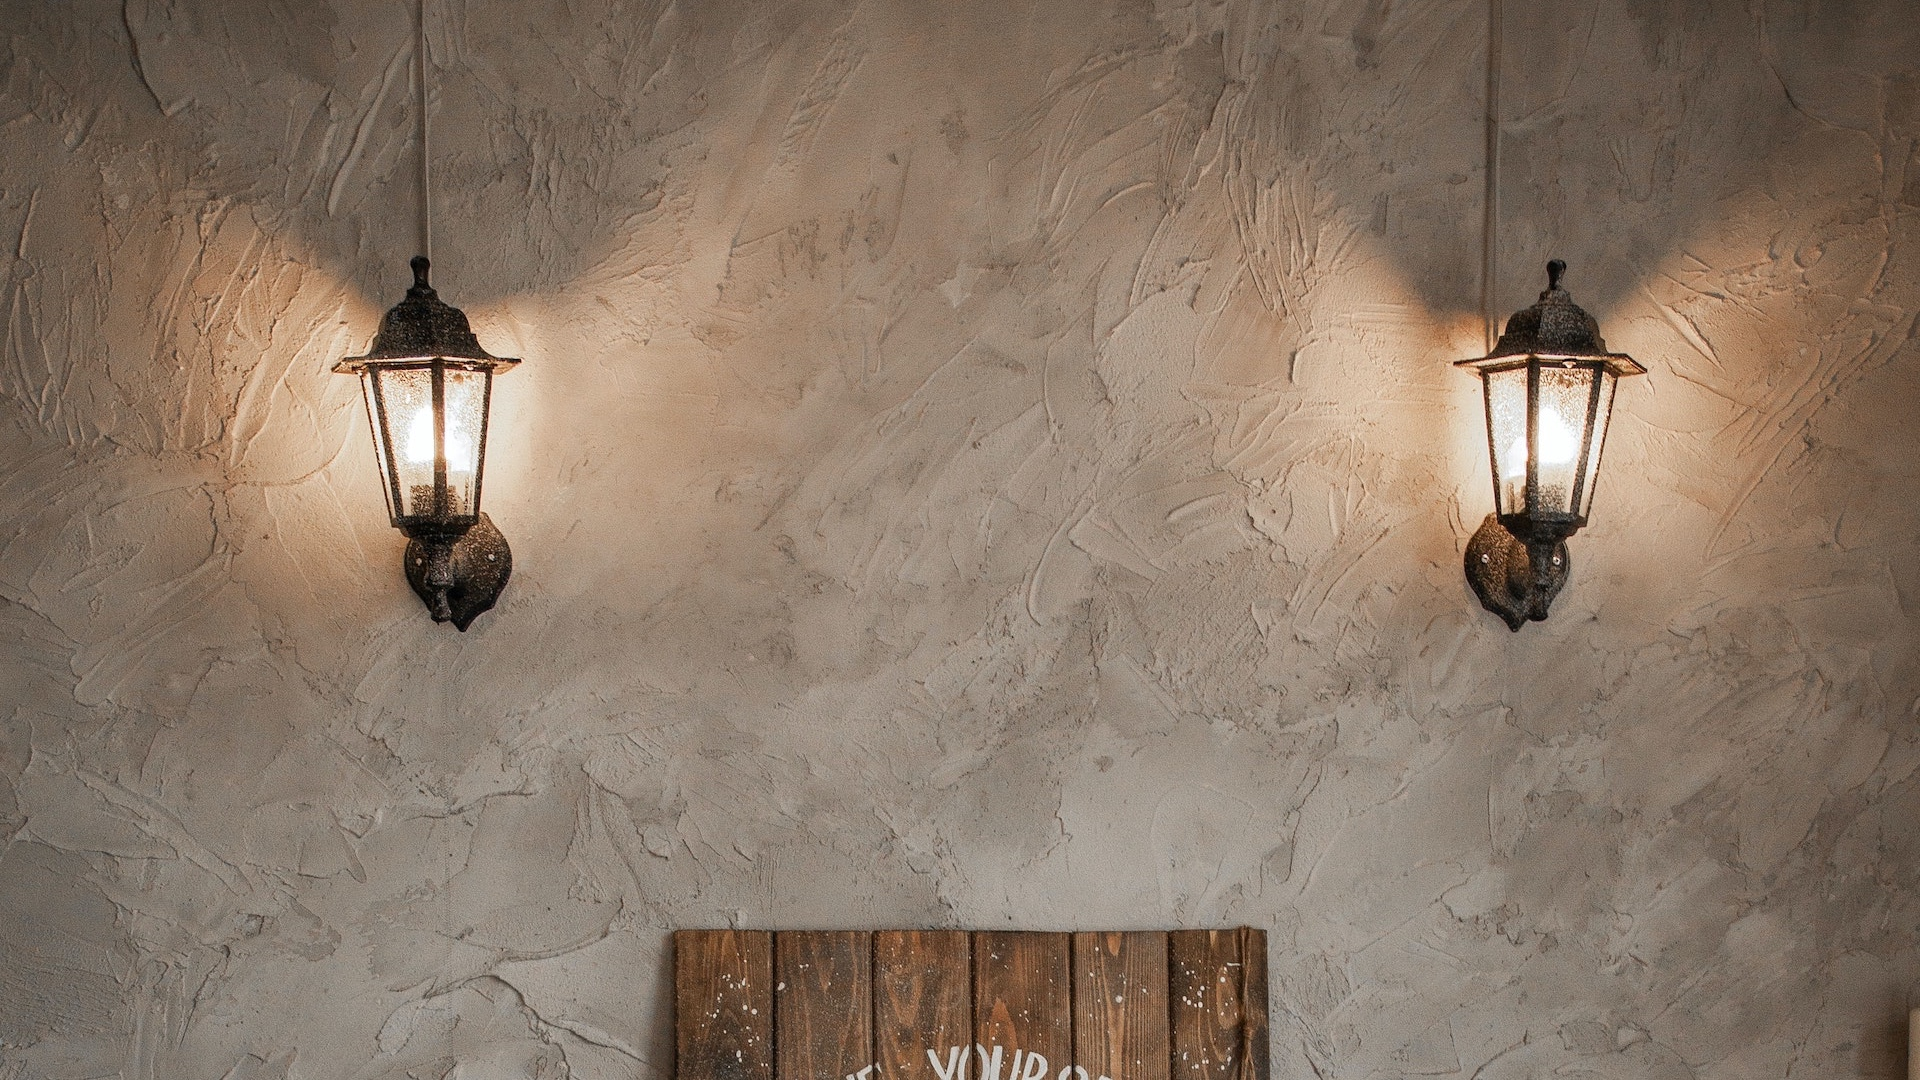 古いランタンのある壁の無料バーチャル背景素材